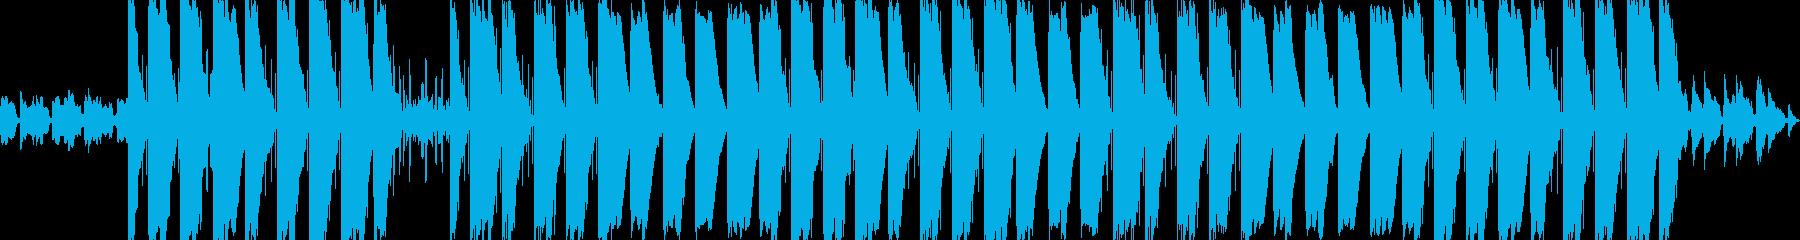 チルで幻想的な雰囲気のヒップホップの再生済みの波形